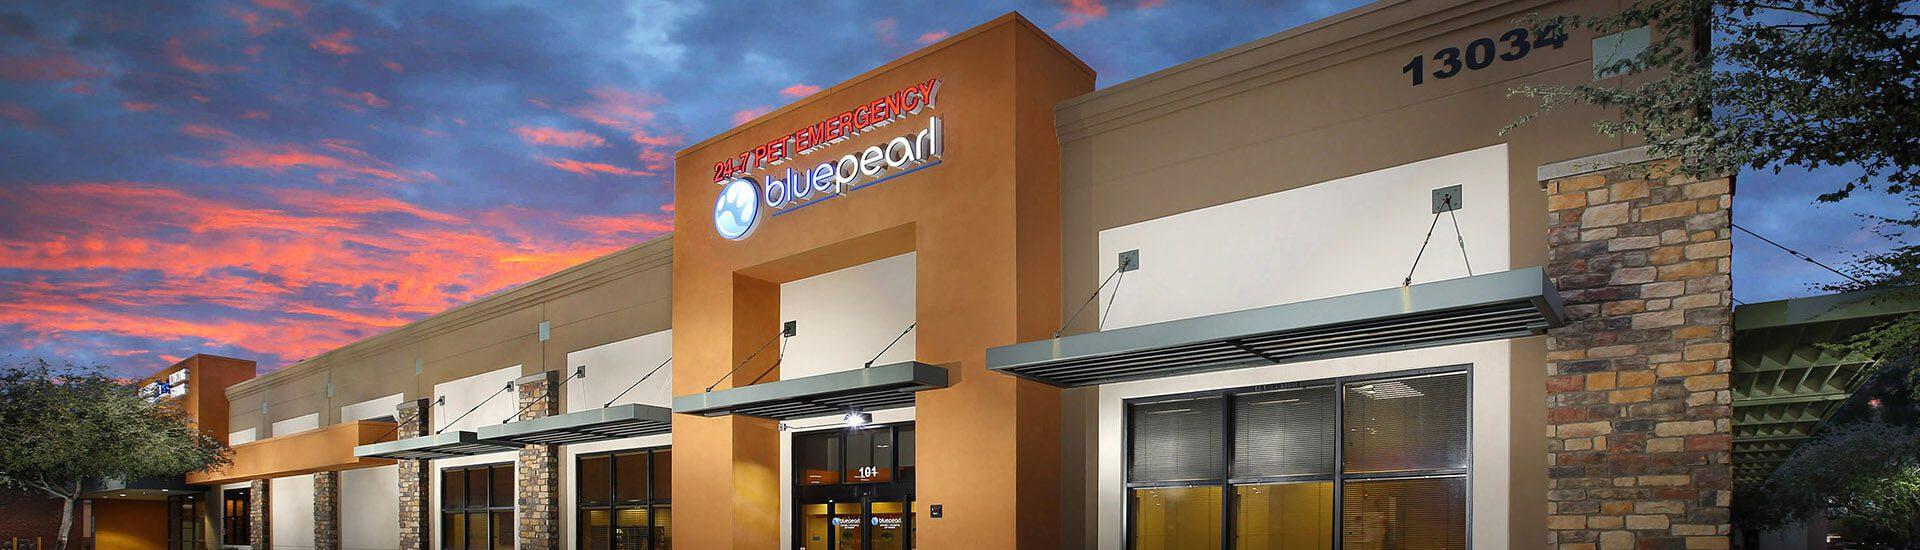 Bluepearl Pet Hospital Avondale Az 24 7 Emergency Vet